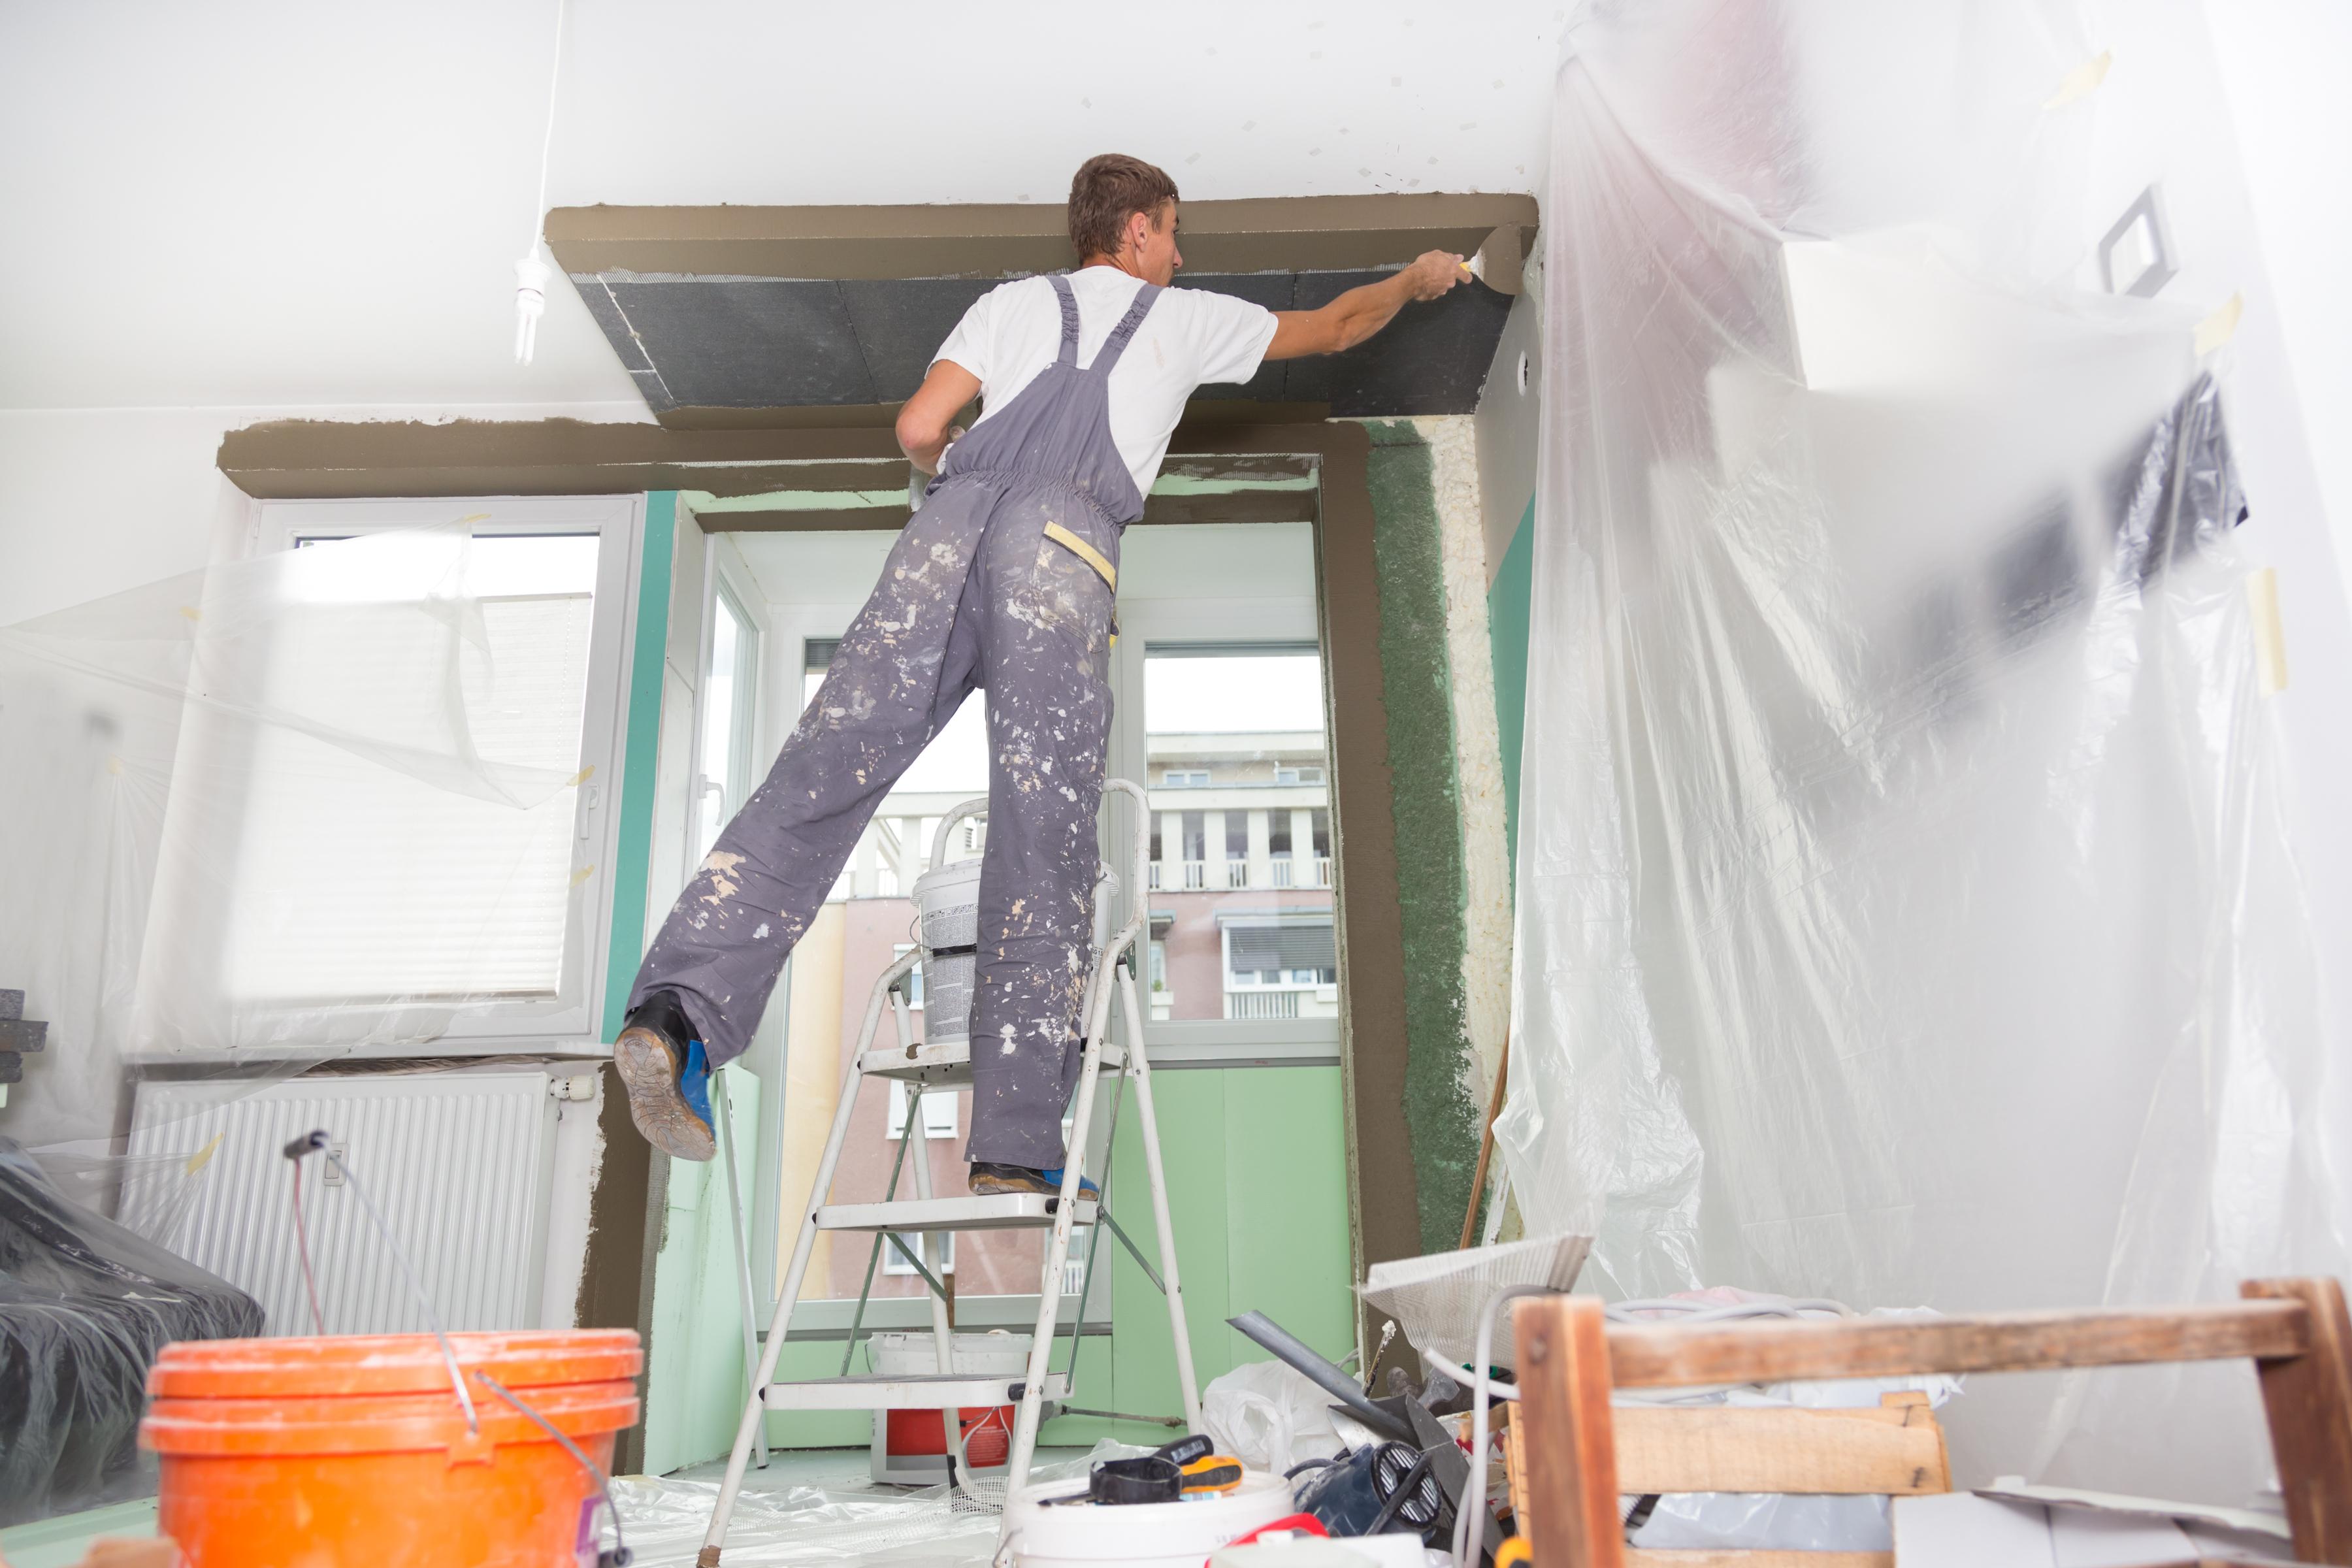 Travaux de rénovation : quel taux de TVA s'applique ?